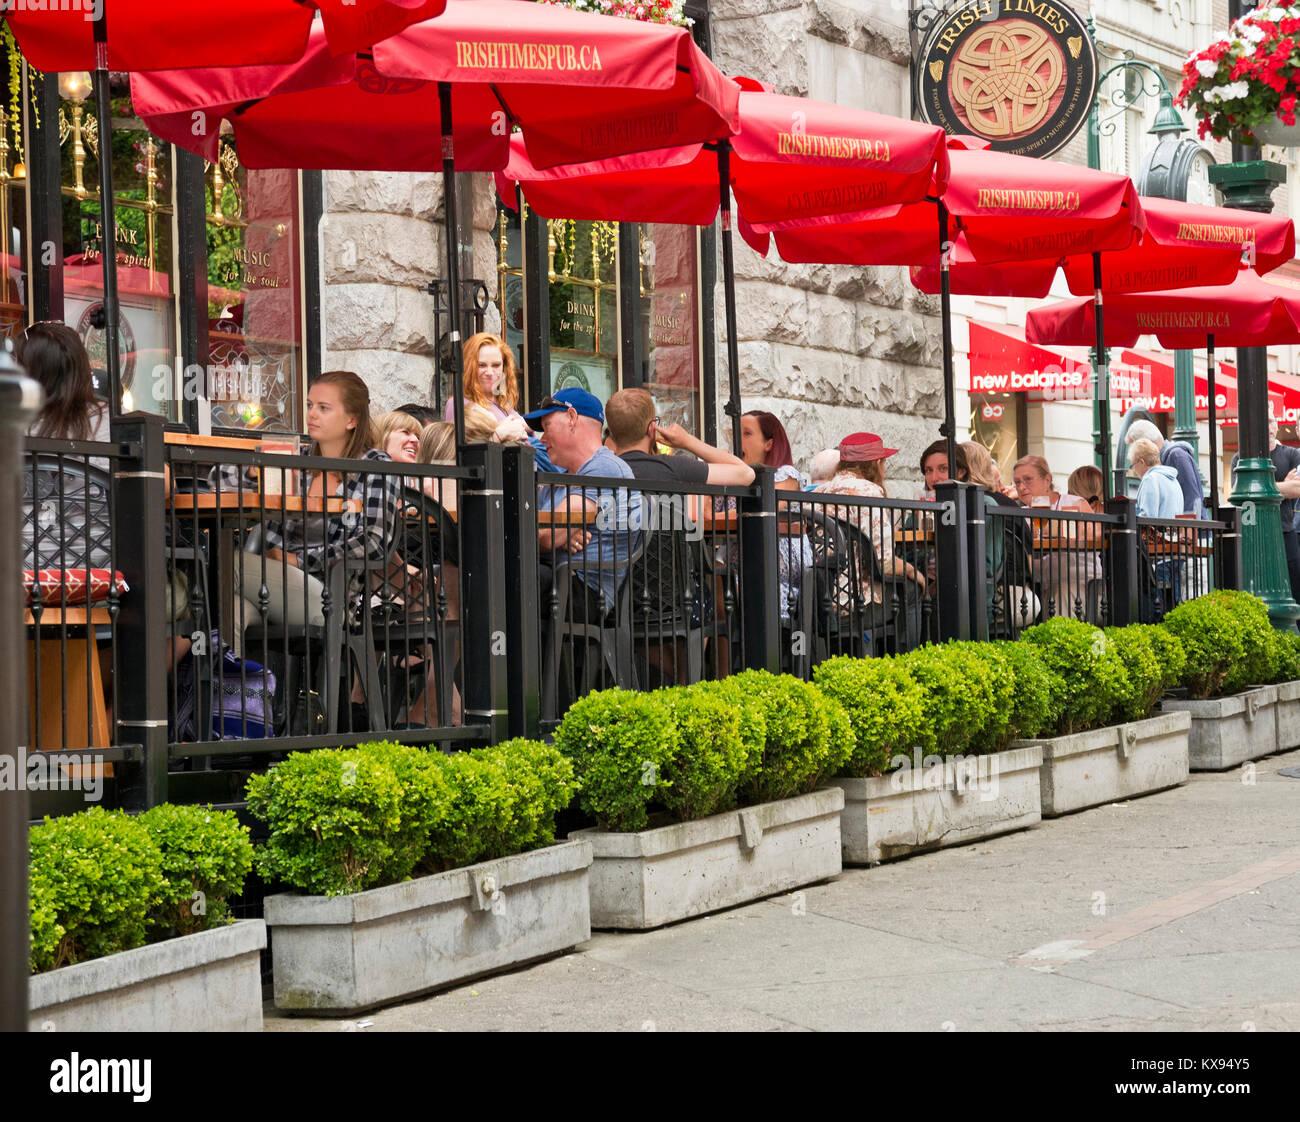 Personas cenando en el patio exterior del Irish Times Pub en Victoria, British Columbia, Canadá. Victoria BC Imagen De Stock